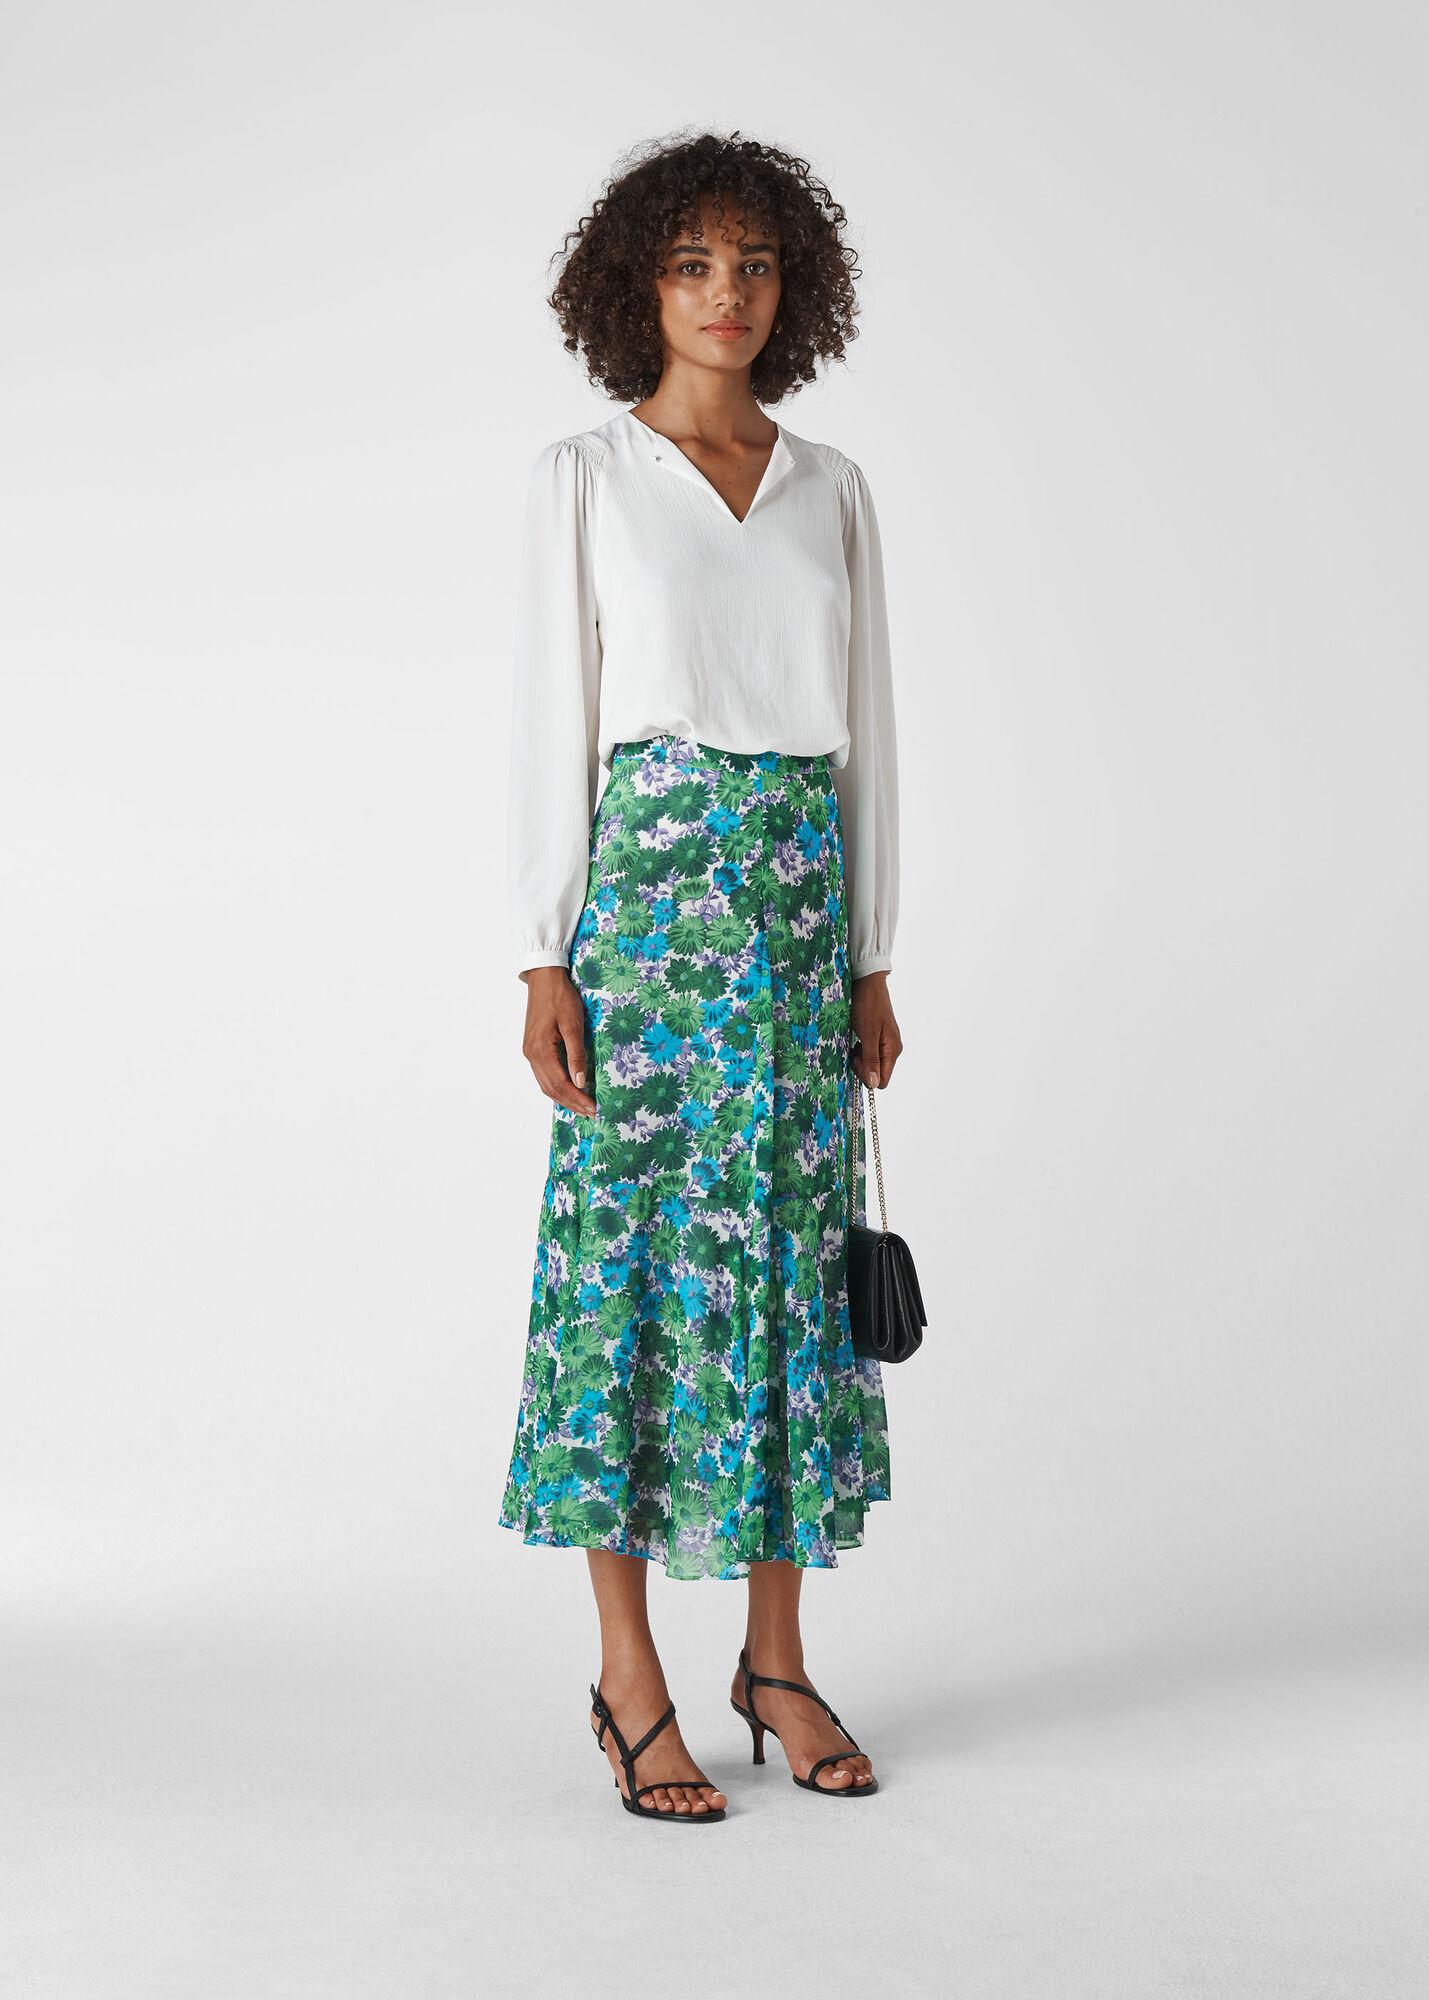 Zinnia Floral Skirt